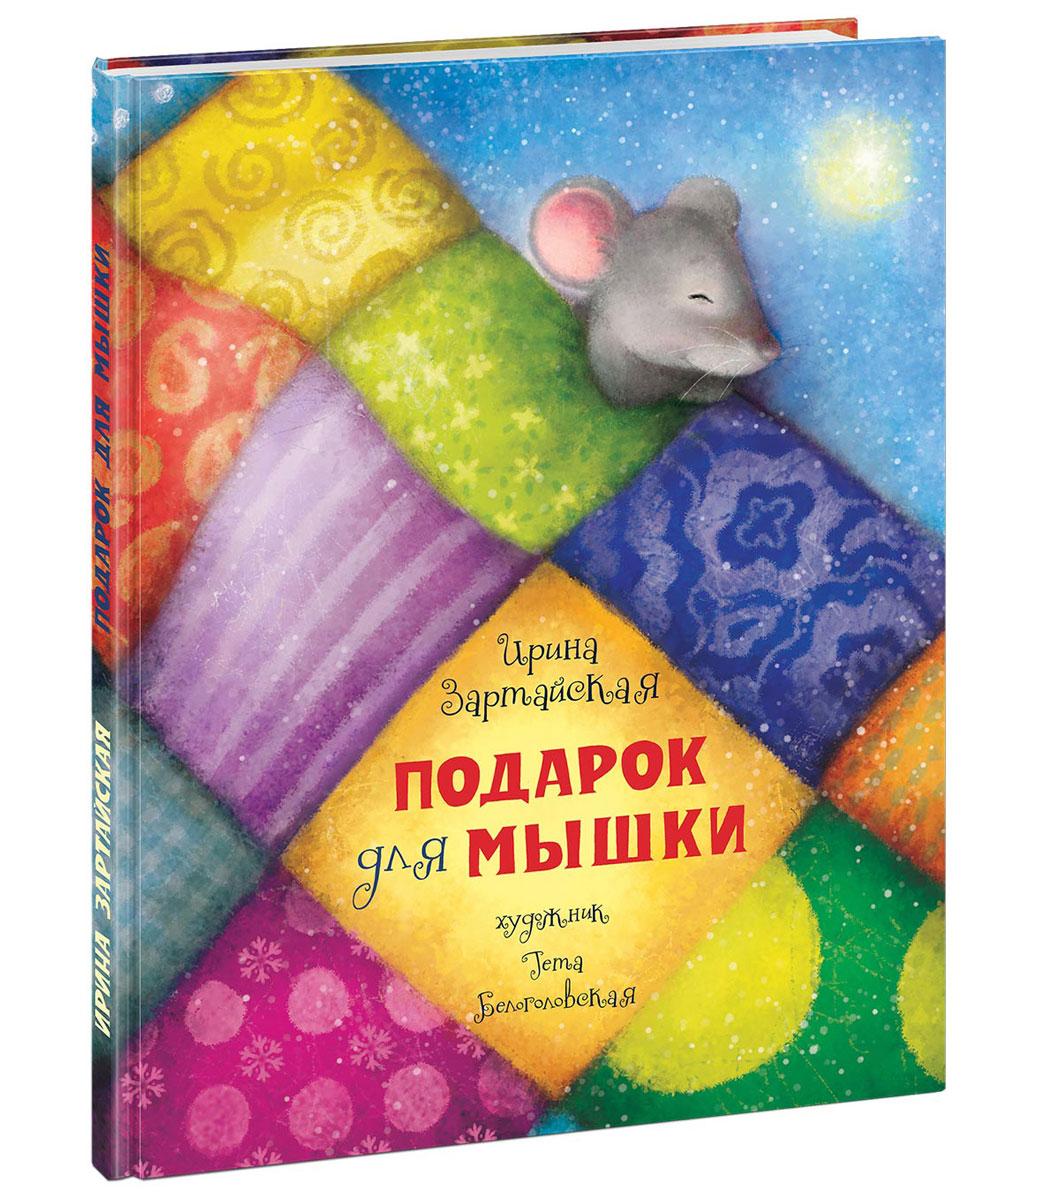 Подарок для мышки12296407Трогательная и чудесная история Ирины Зартайской подарит новогоднее настроение вашему малышу. Что такое Новый год? Почему его так ждут? Что же будет, когда он придёт? Разве не такие вопросы задаёт ваш маленький почемучка? А что отвечаете вы? Прочитайте малышу эту книжку о приключениях маленькой мышки, которая очень боялась пропустить Новый год. Она не знала, как он выглядит, и пыталась повсюду его найти. Забавно, не правда ли? Что из этого получилось, вы узнаете в самом конце сказки. А замечательные иллюстрации Геты Белоголовской проводят вас вместе с главной героиней прямо на Новогодний праздник и помогут найти ответы на все вопросы.